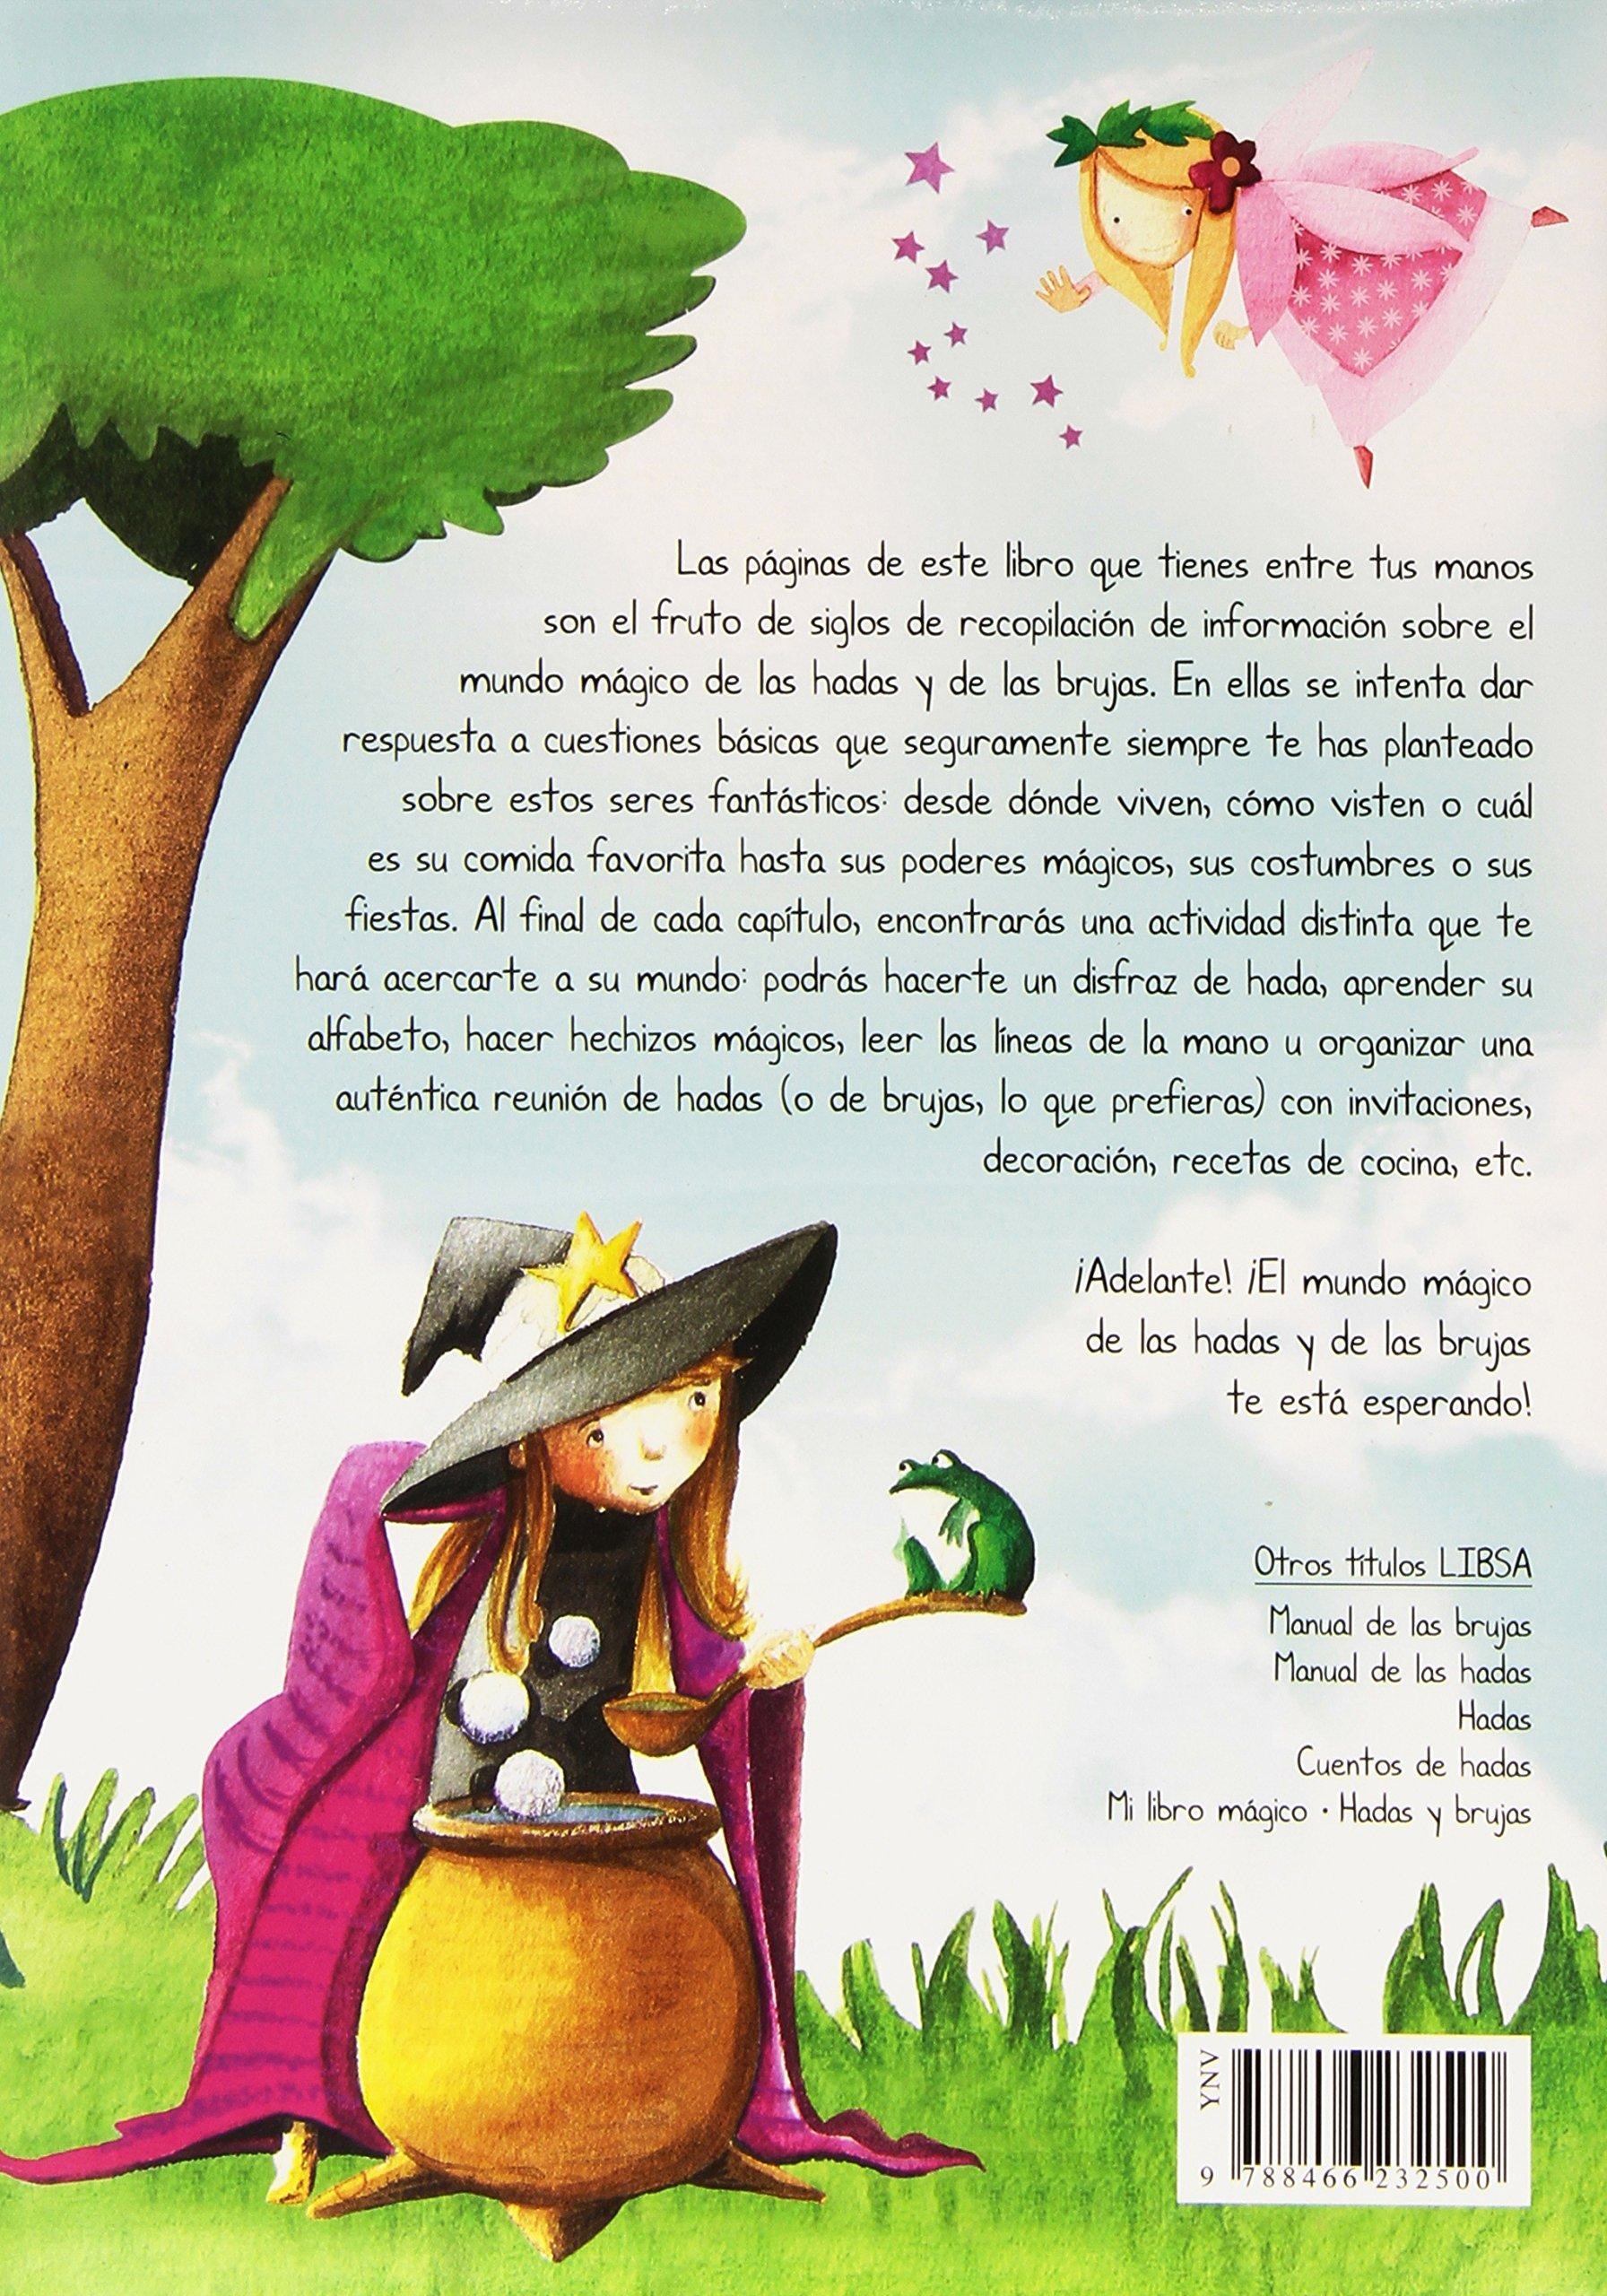 Hadas Y Brujas (Mi Libro Mágico): Amazon.es: Agustín Celis Sánchez, Sandra  Ramírez Llanas: Libros